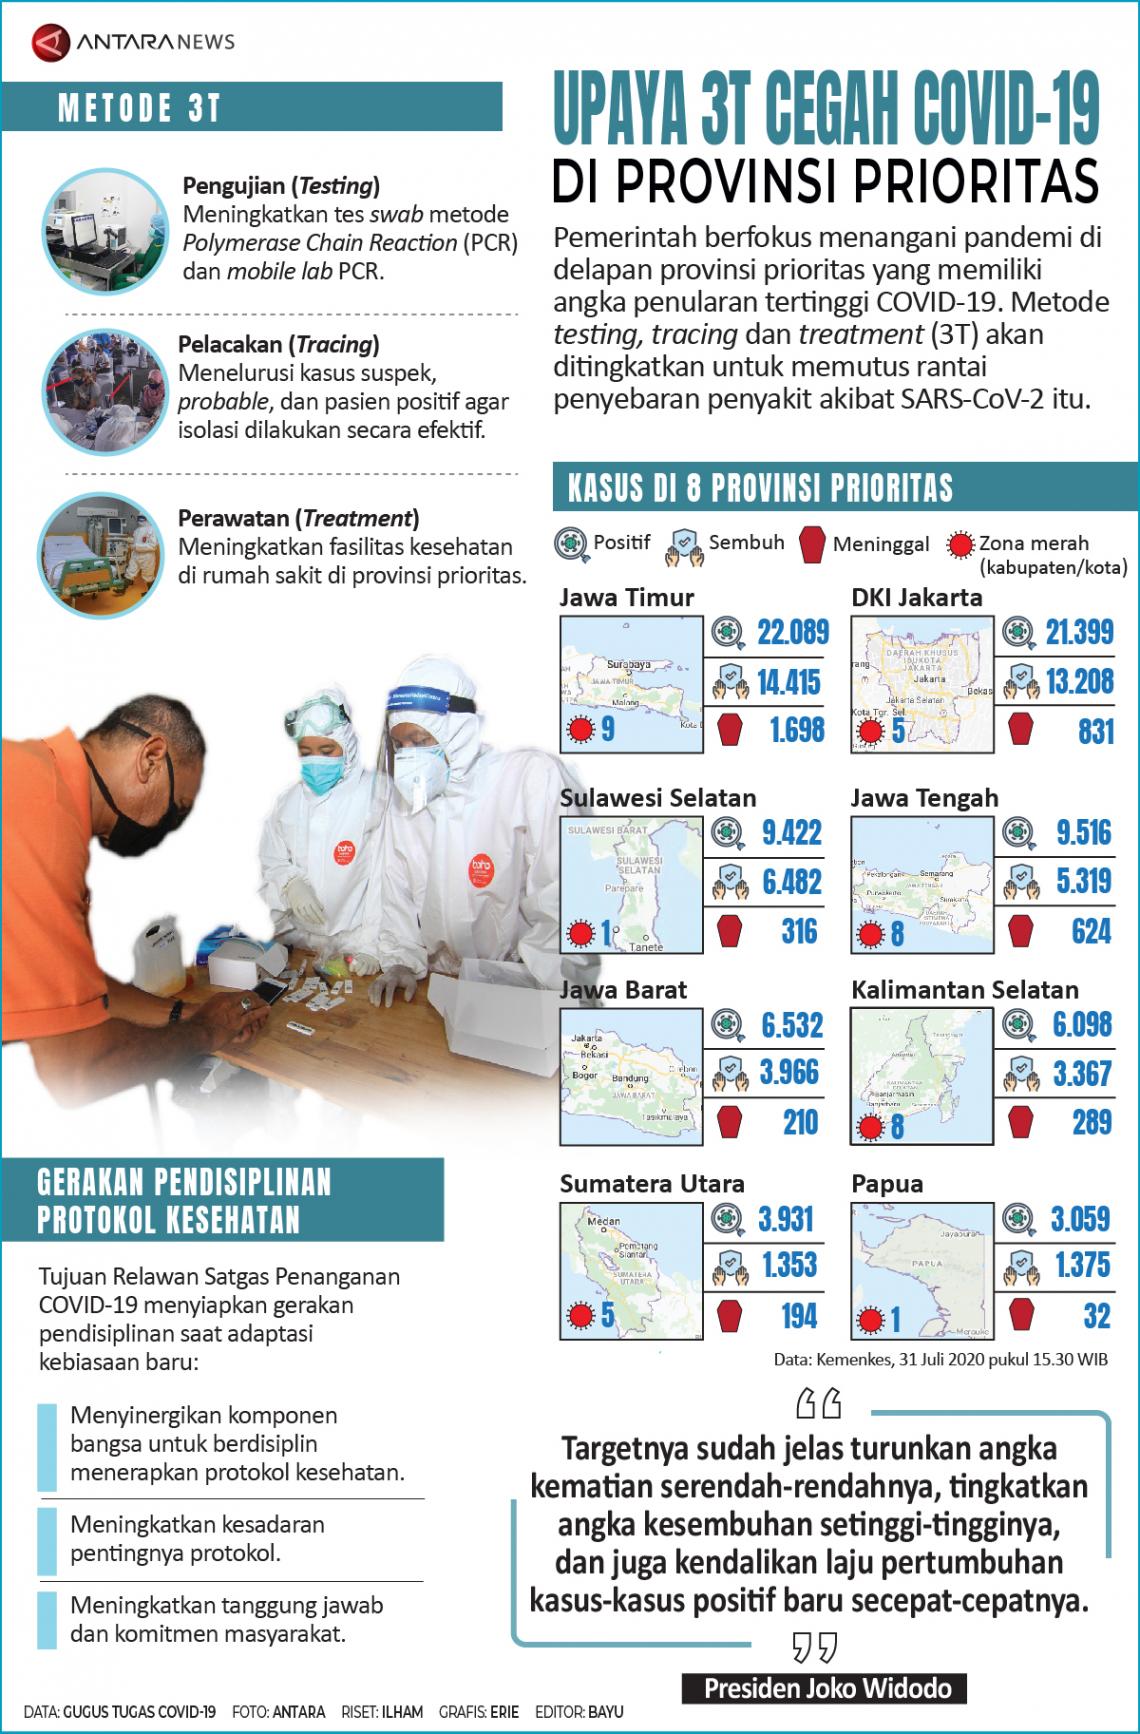 Upaya 3T cegah COVID-19 di provinsi prioritas